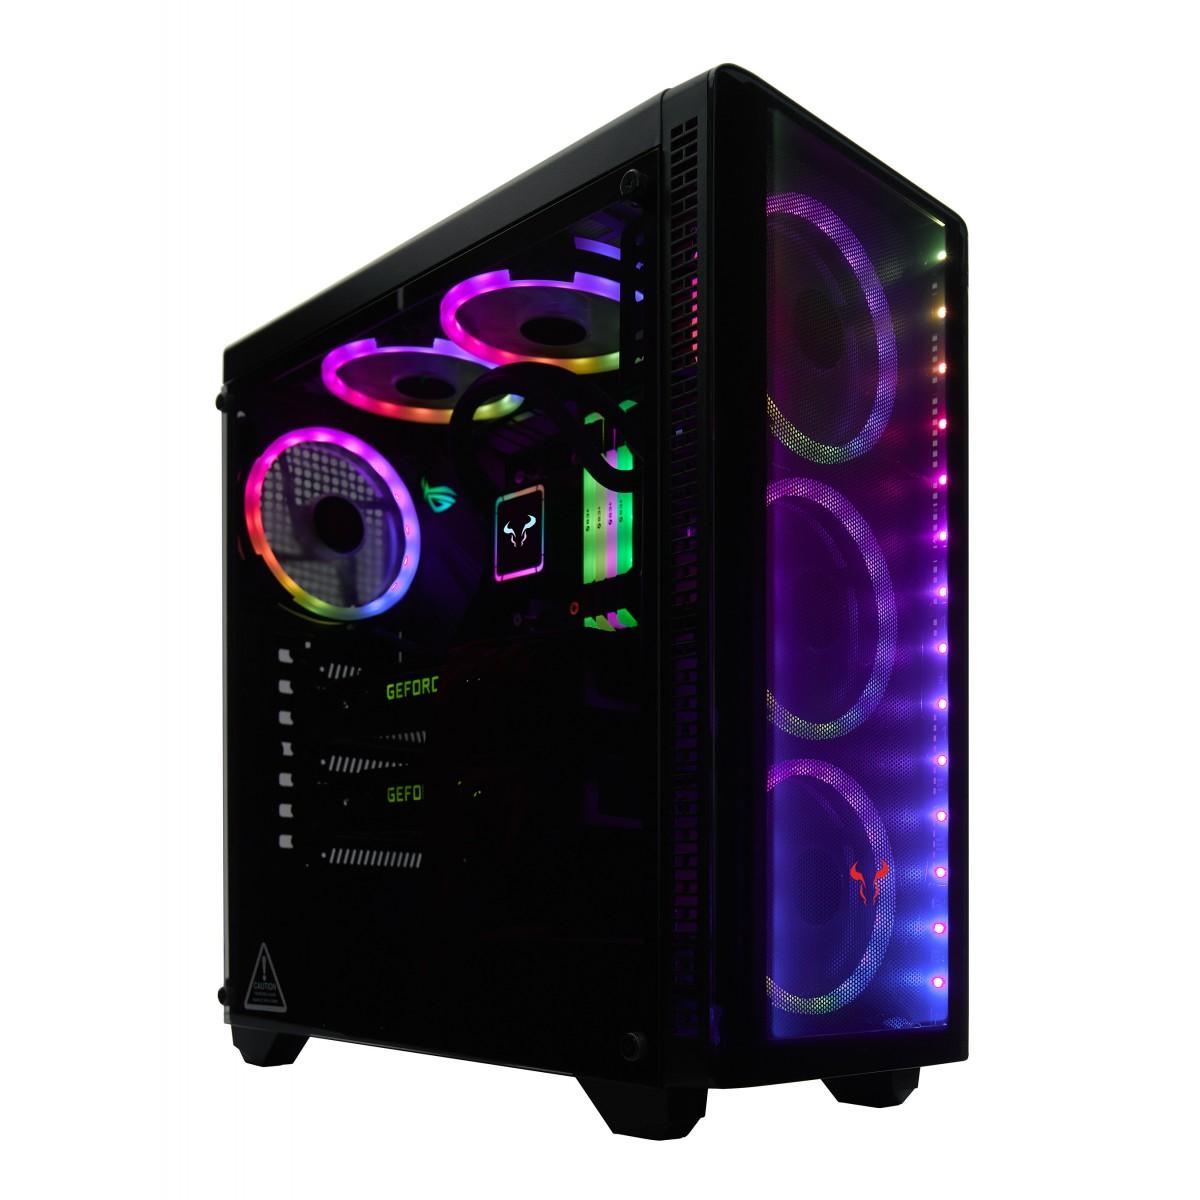 PC Gamer T-GAMER T-Cavalry Intel i5 9400F / RTX 2060 SUPER 8GB / DDR4 8GB / HD 1TB